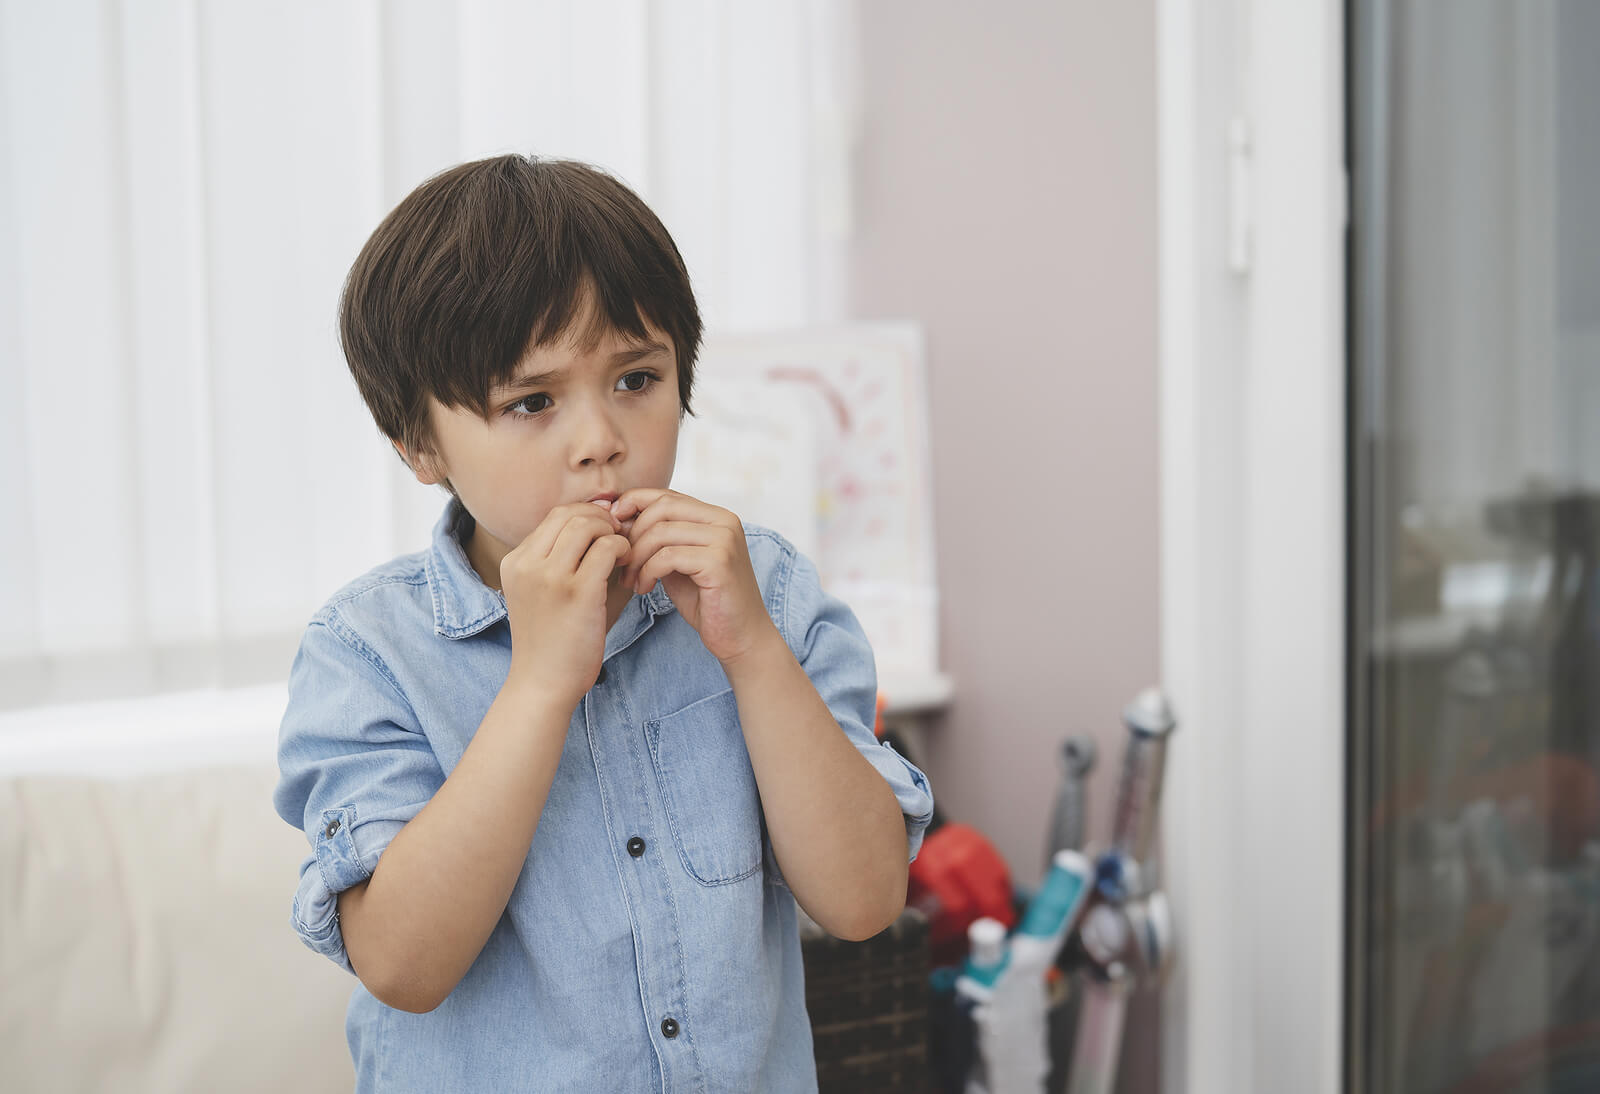 Niño intentado controlar su conducta impulsiva para no desarrollar trastornos de la personalidad.